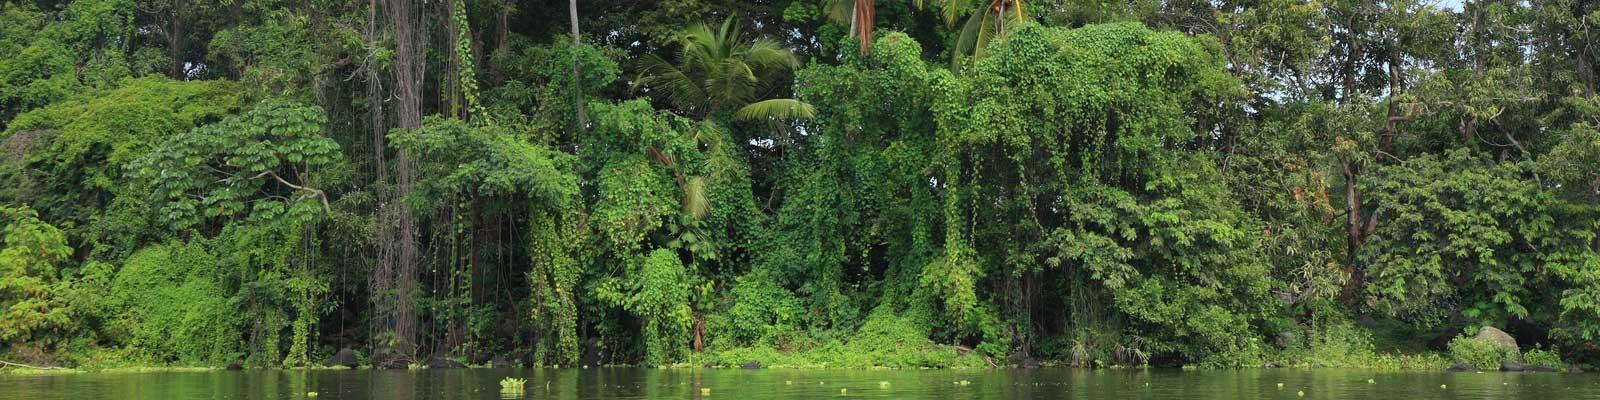 Nicaragua Immobili - Case vacanza, immobili di prestigio, immobili sulla spiaggia - Investimenti di valore